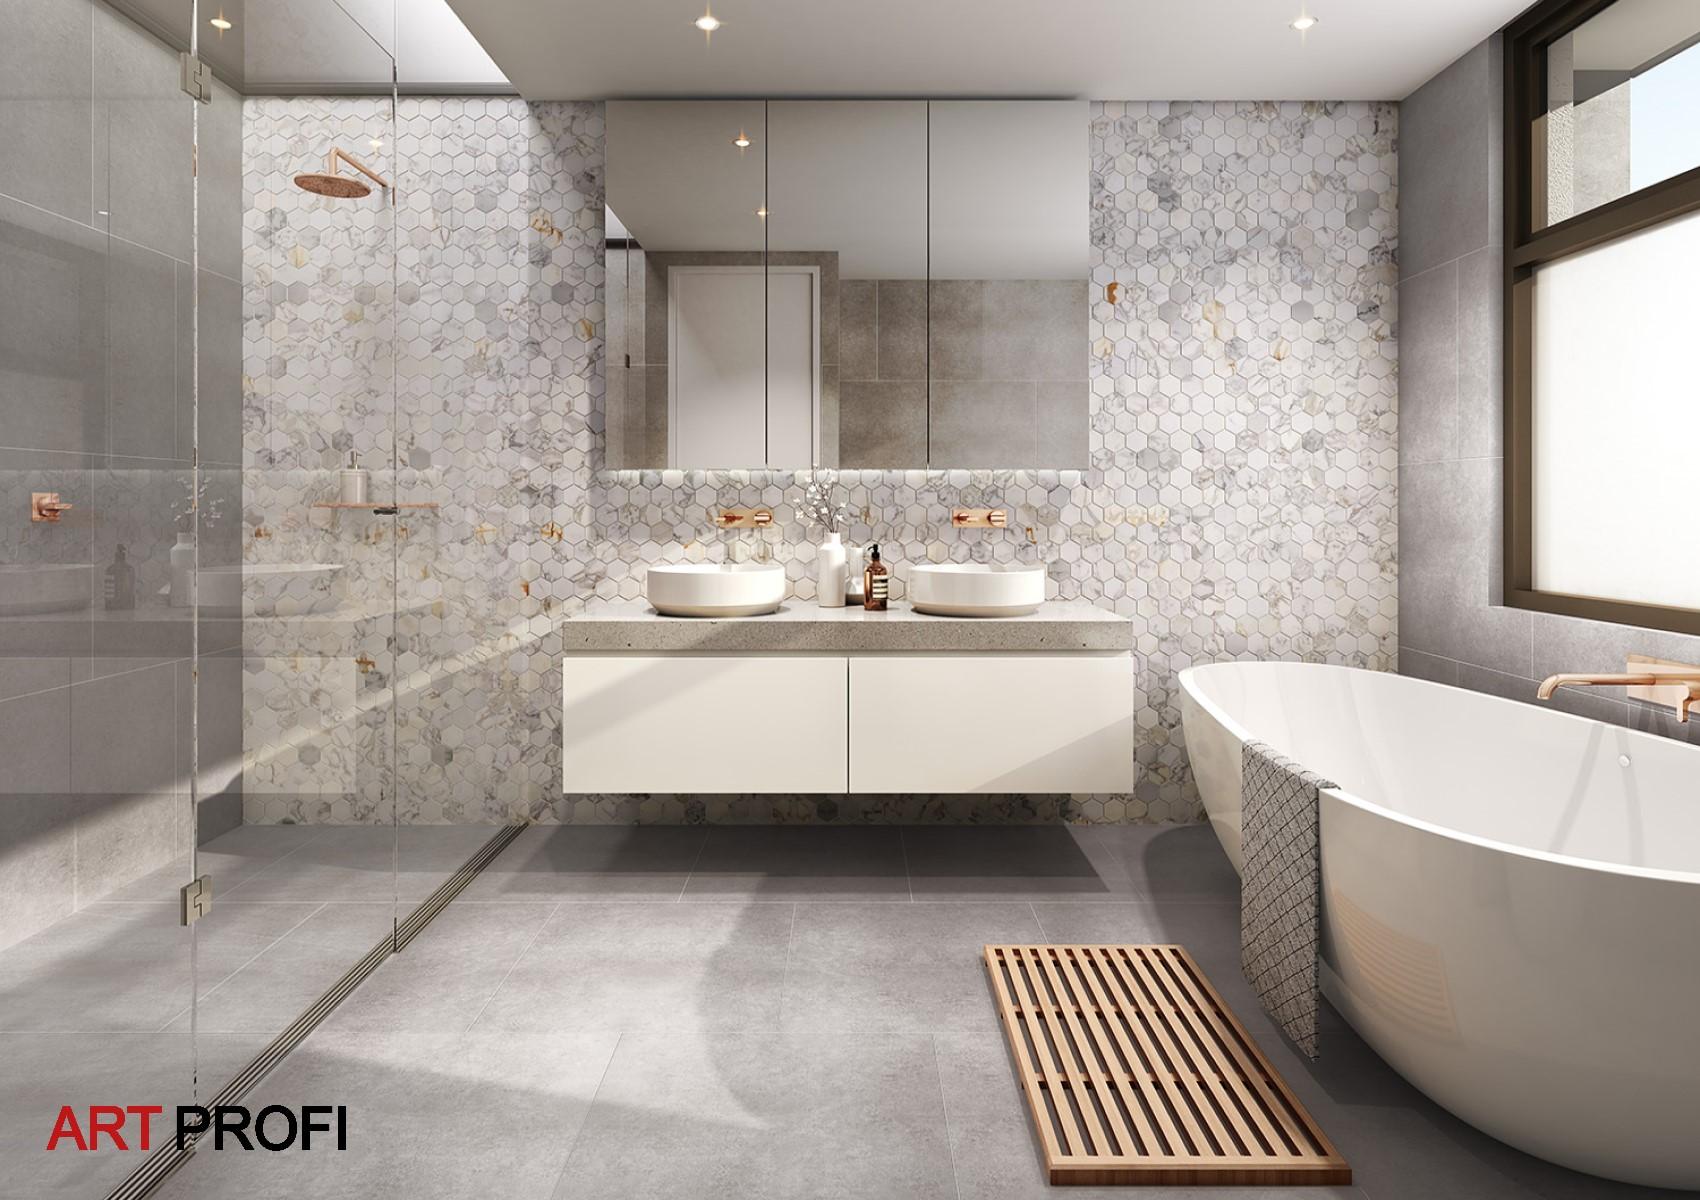 Дизайн интерьера. Дизайн проект ванной комнаты.